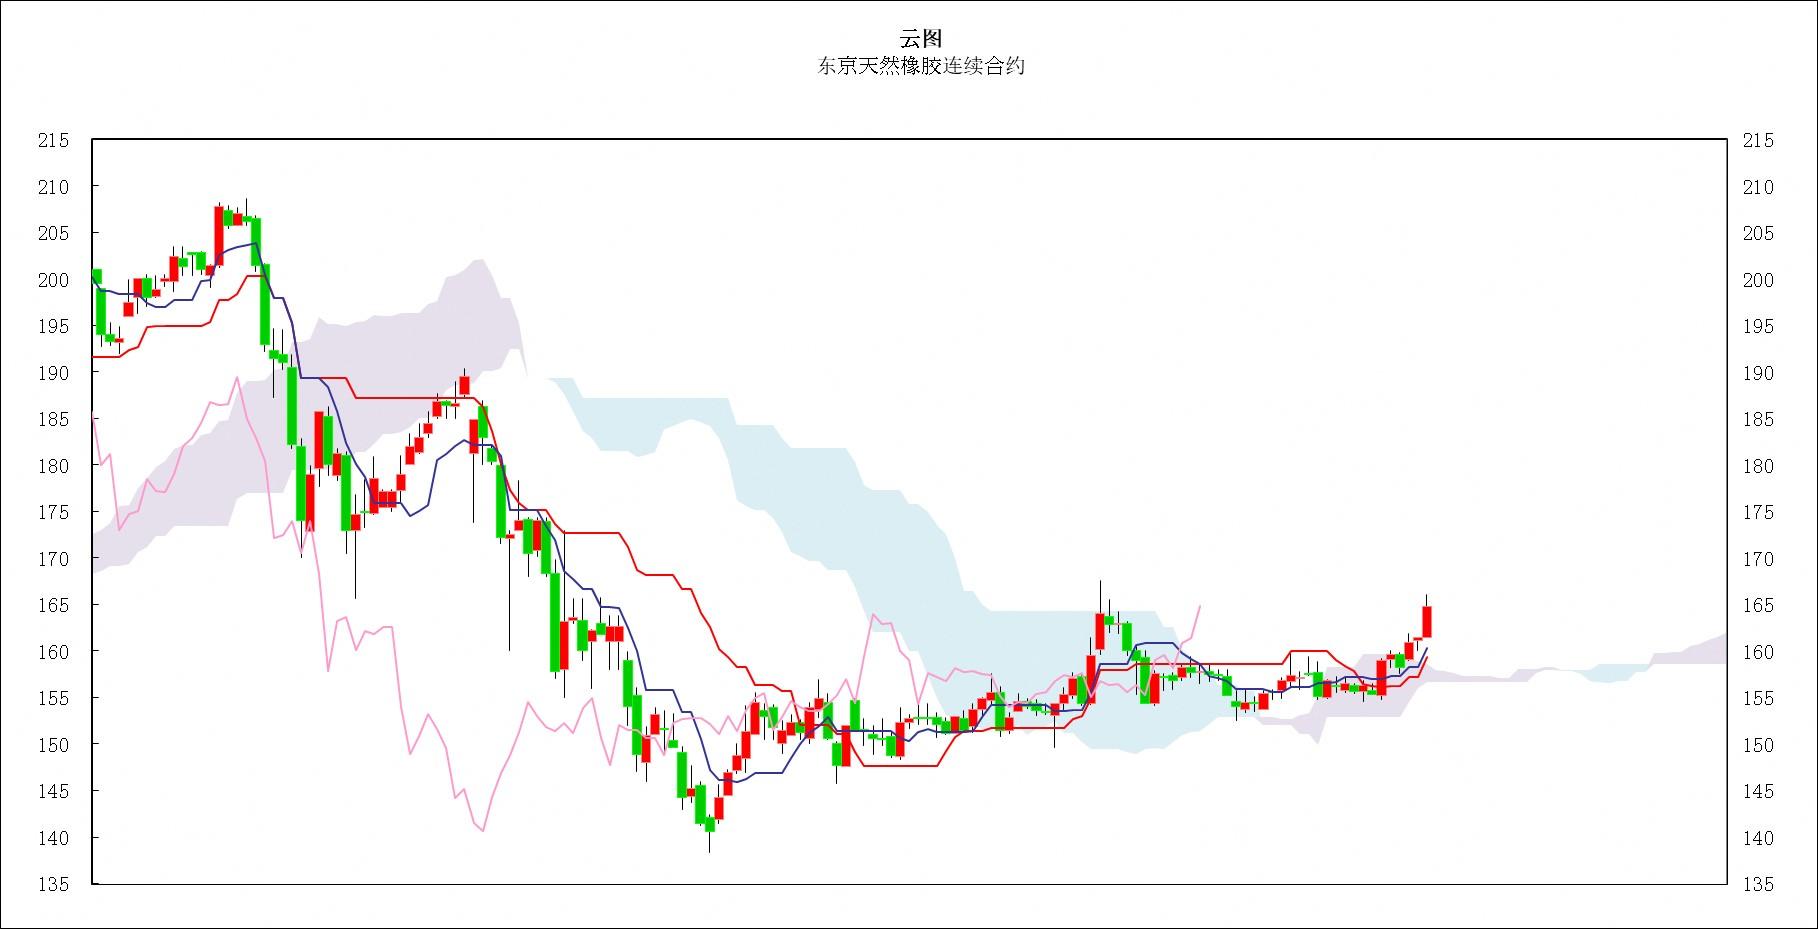 日本商品市场日评:东京黄金价格回落整理,橡胶市场上涨